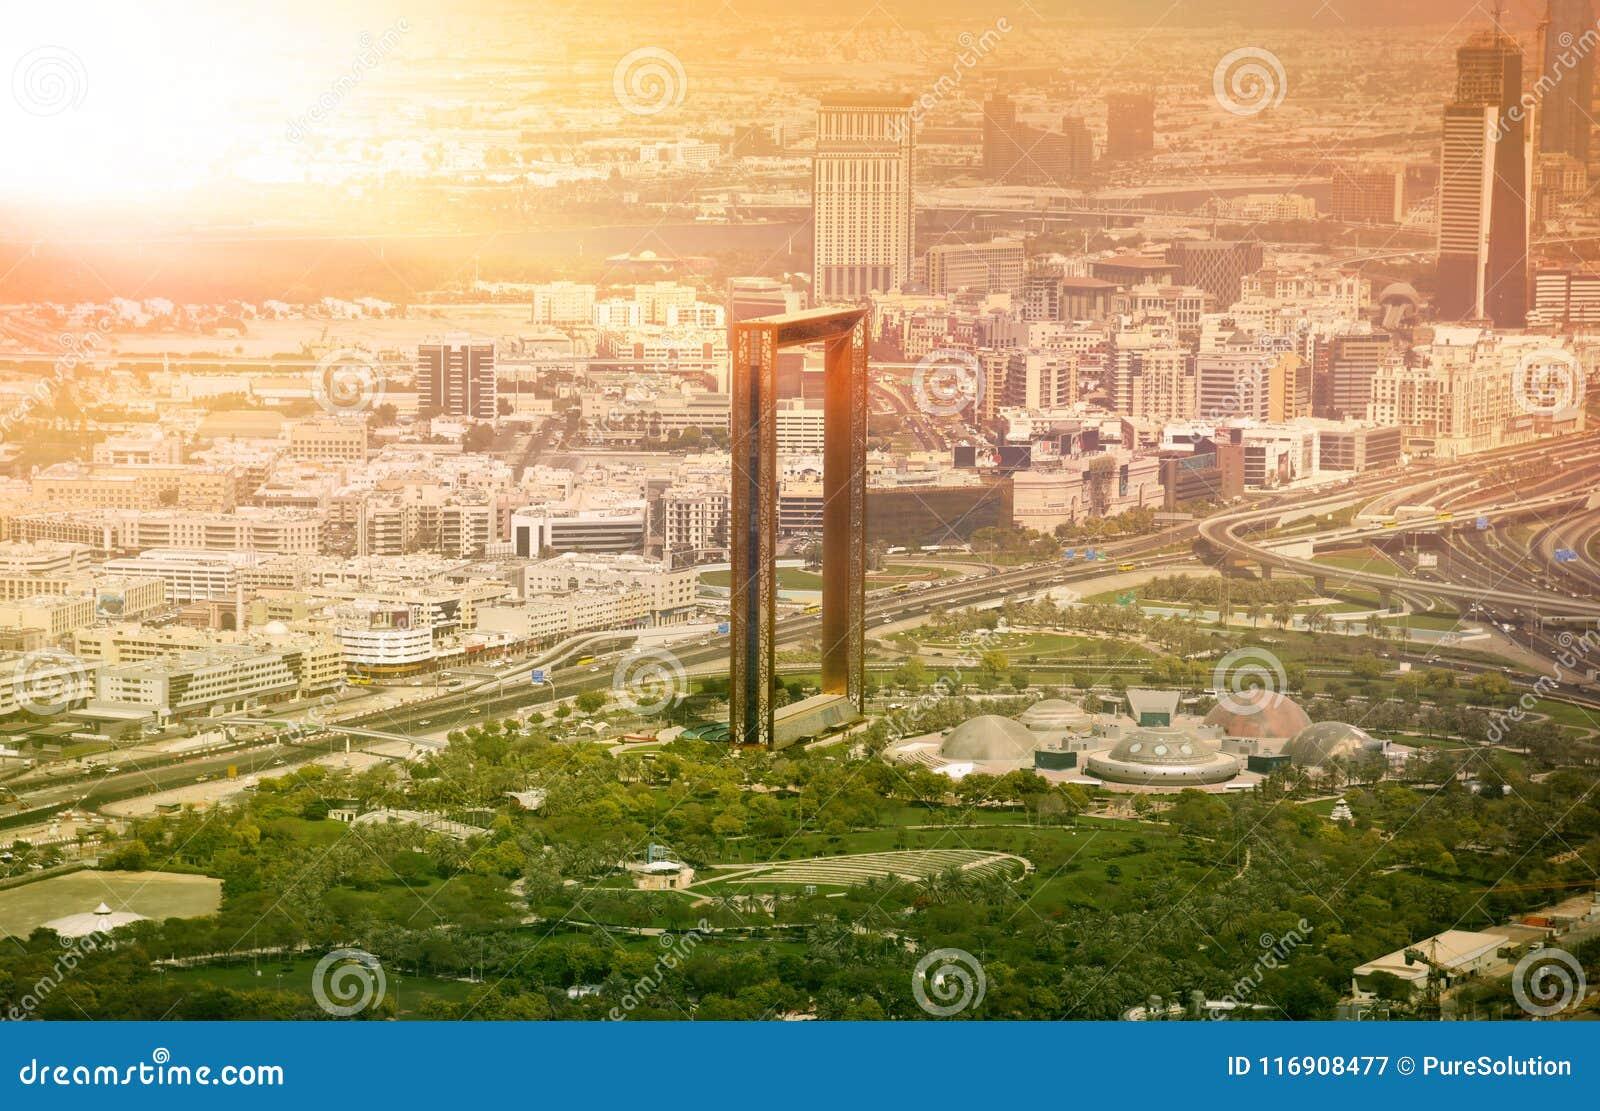 Horizon de Dubaï avec le bâtiment à pans de bois de Dubaï au coucher du soleil